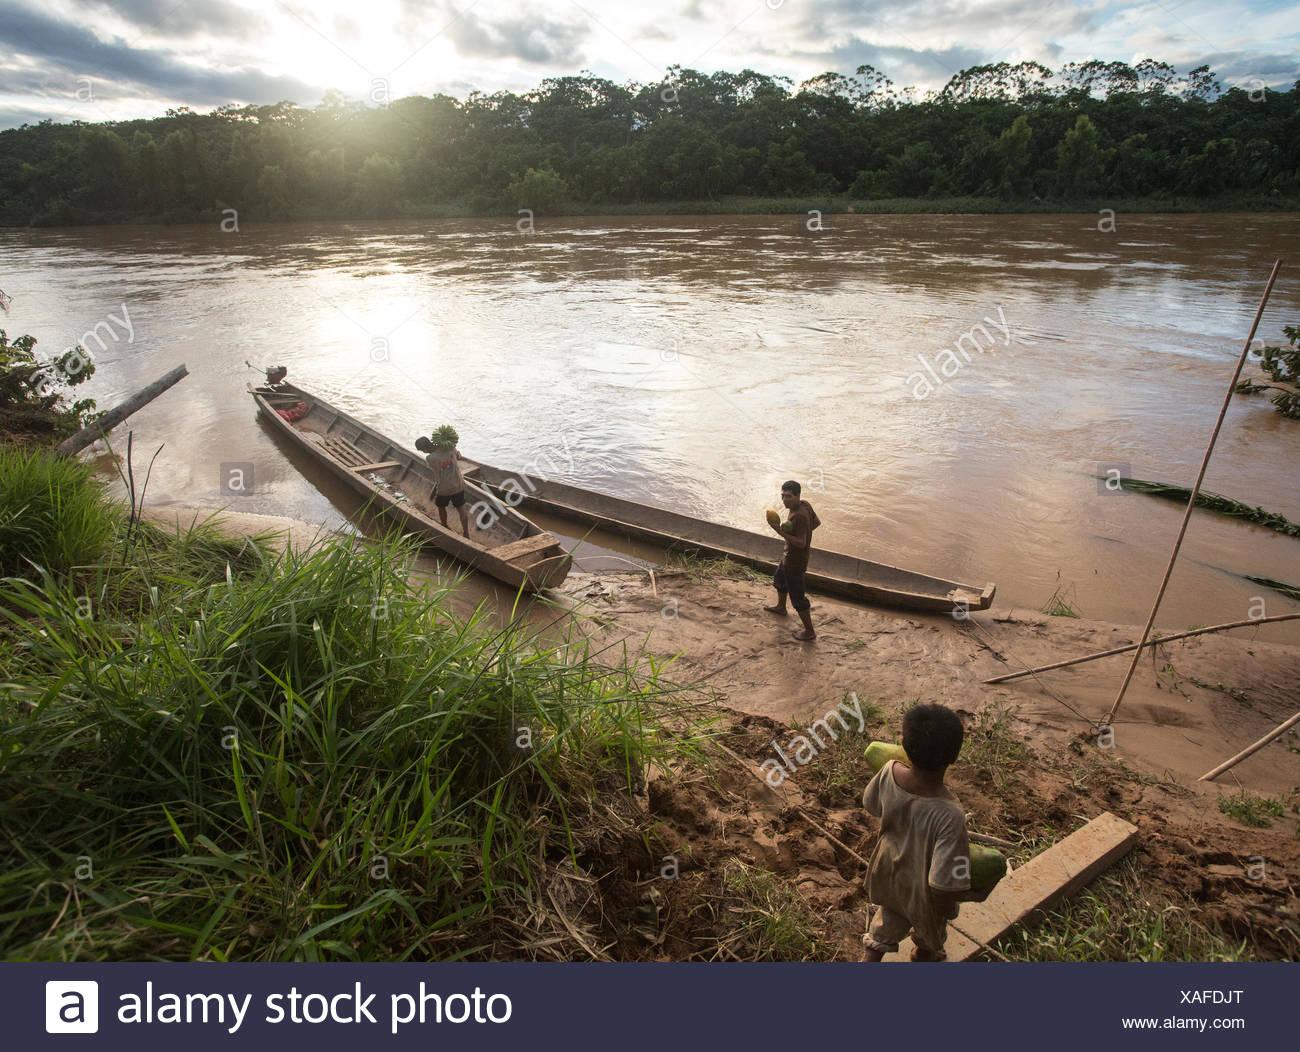 Enfoque pueblo Tsimane una canoa para el transporte de mercancías en el río Maniqui, cerca Anachere, en la selva amazónica de Bolivia. Imagen De Stock